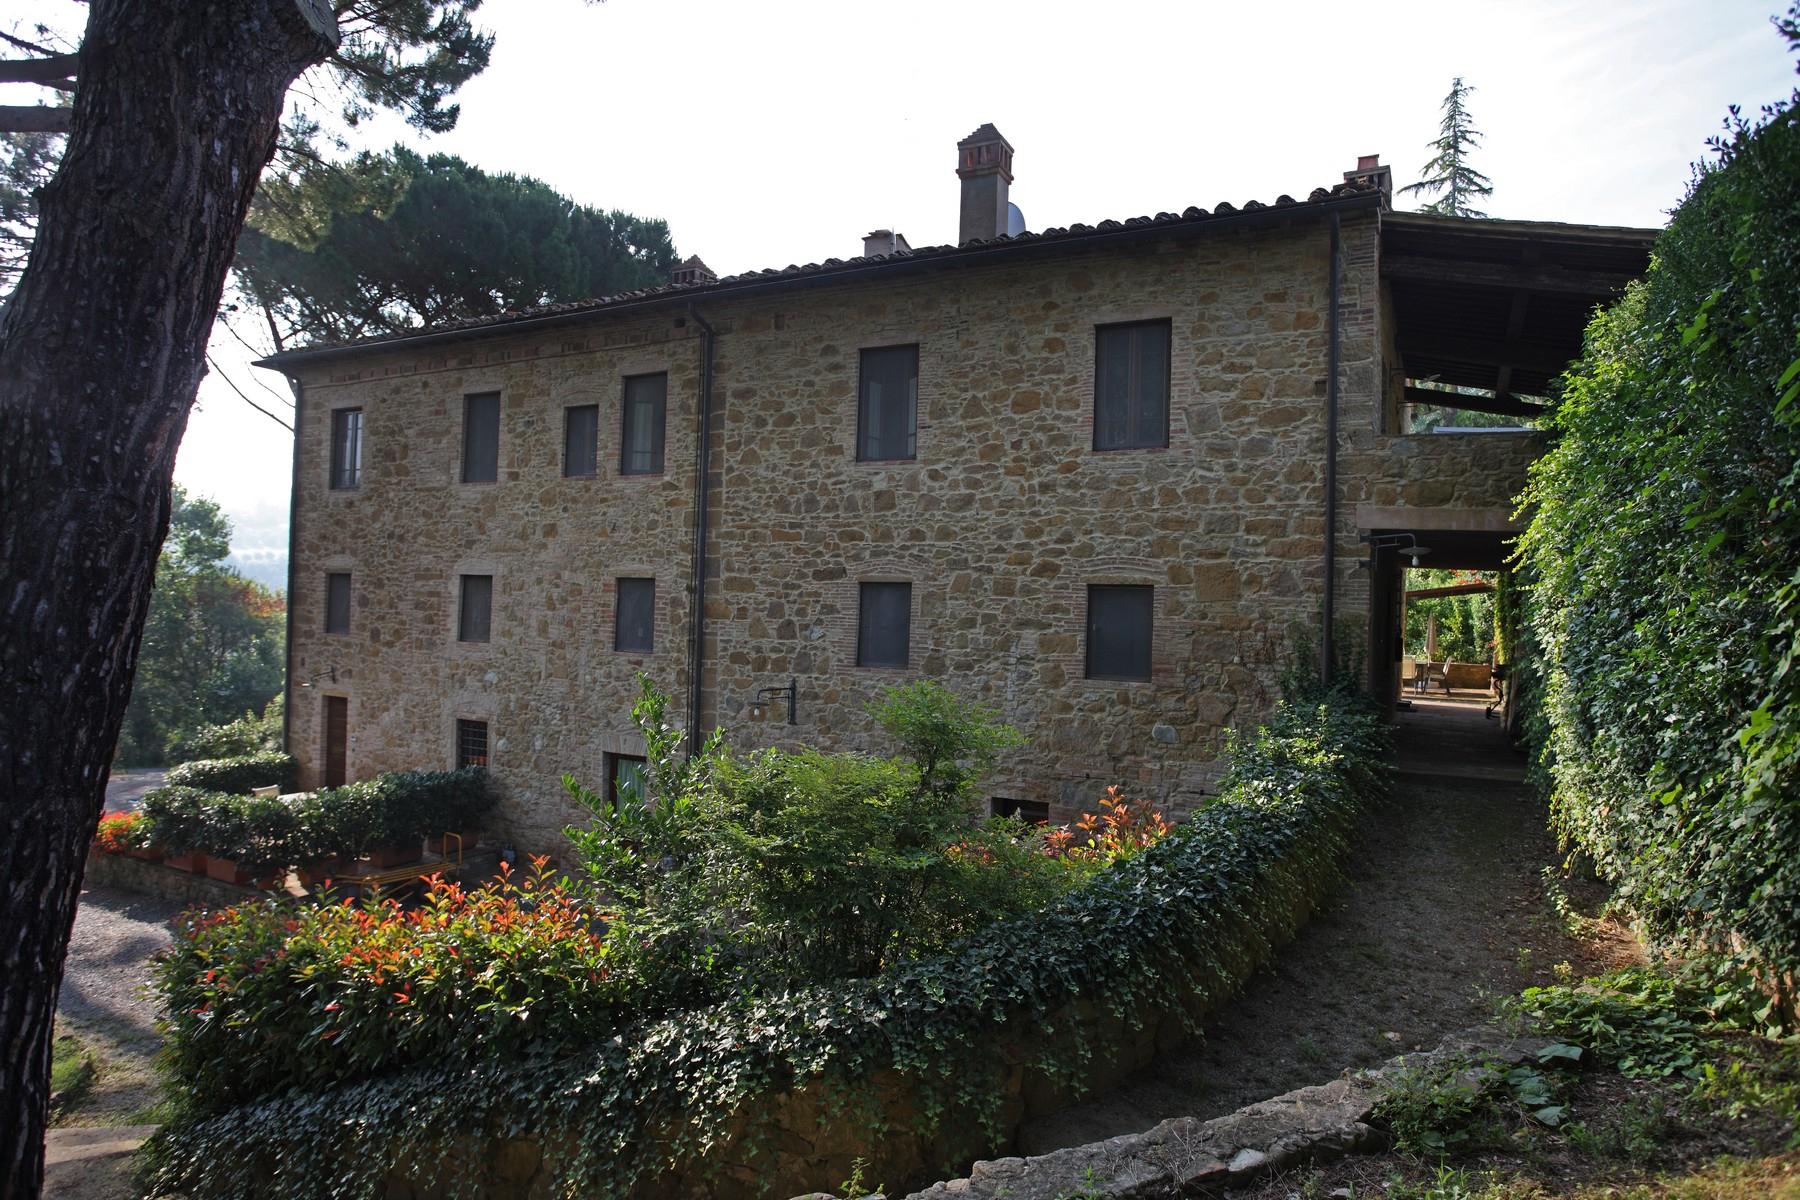 Rustico in Vendita a Montaione: 5 locali, 1200 mq - Foto 20